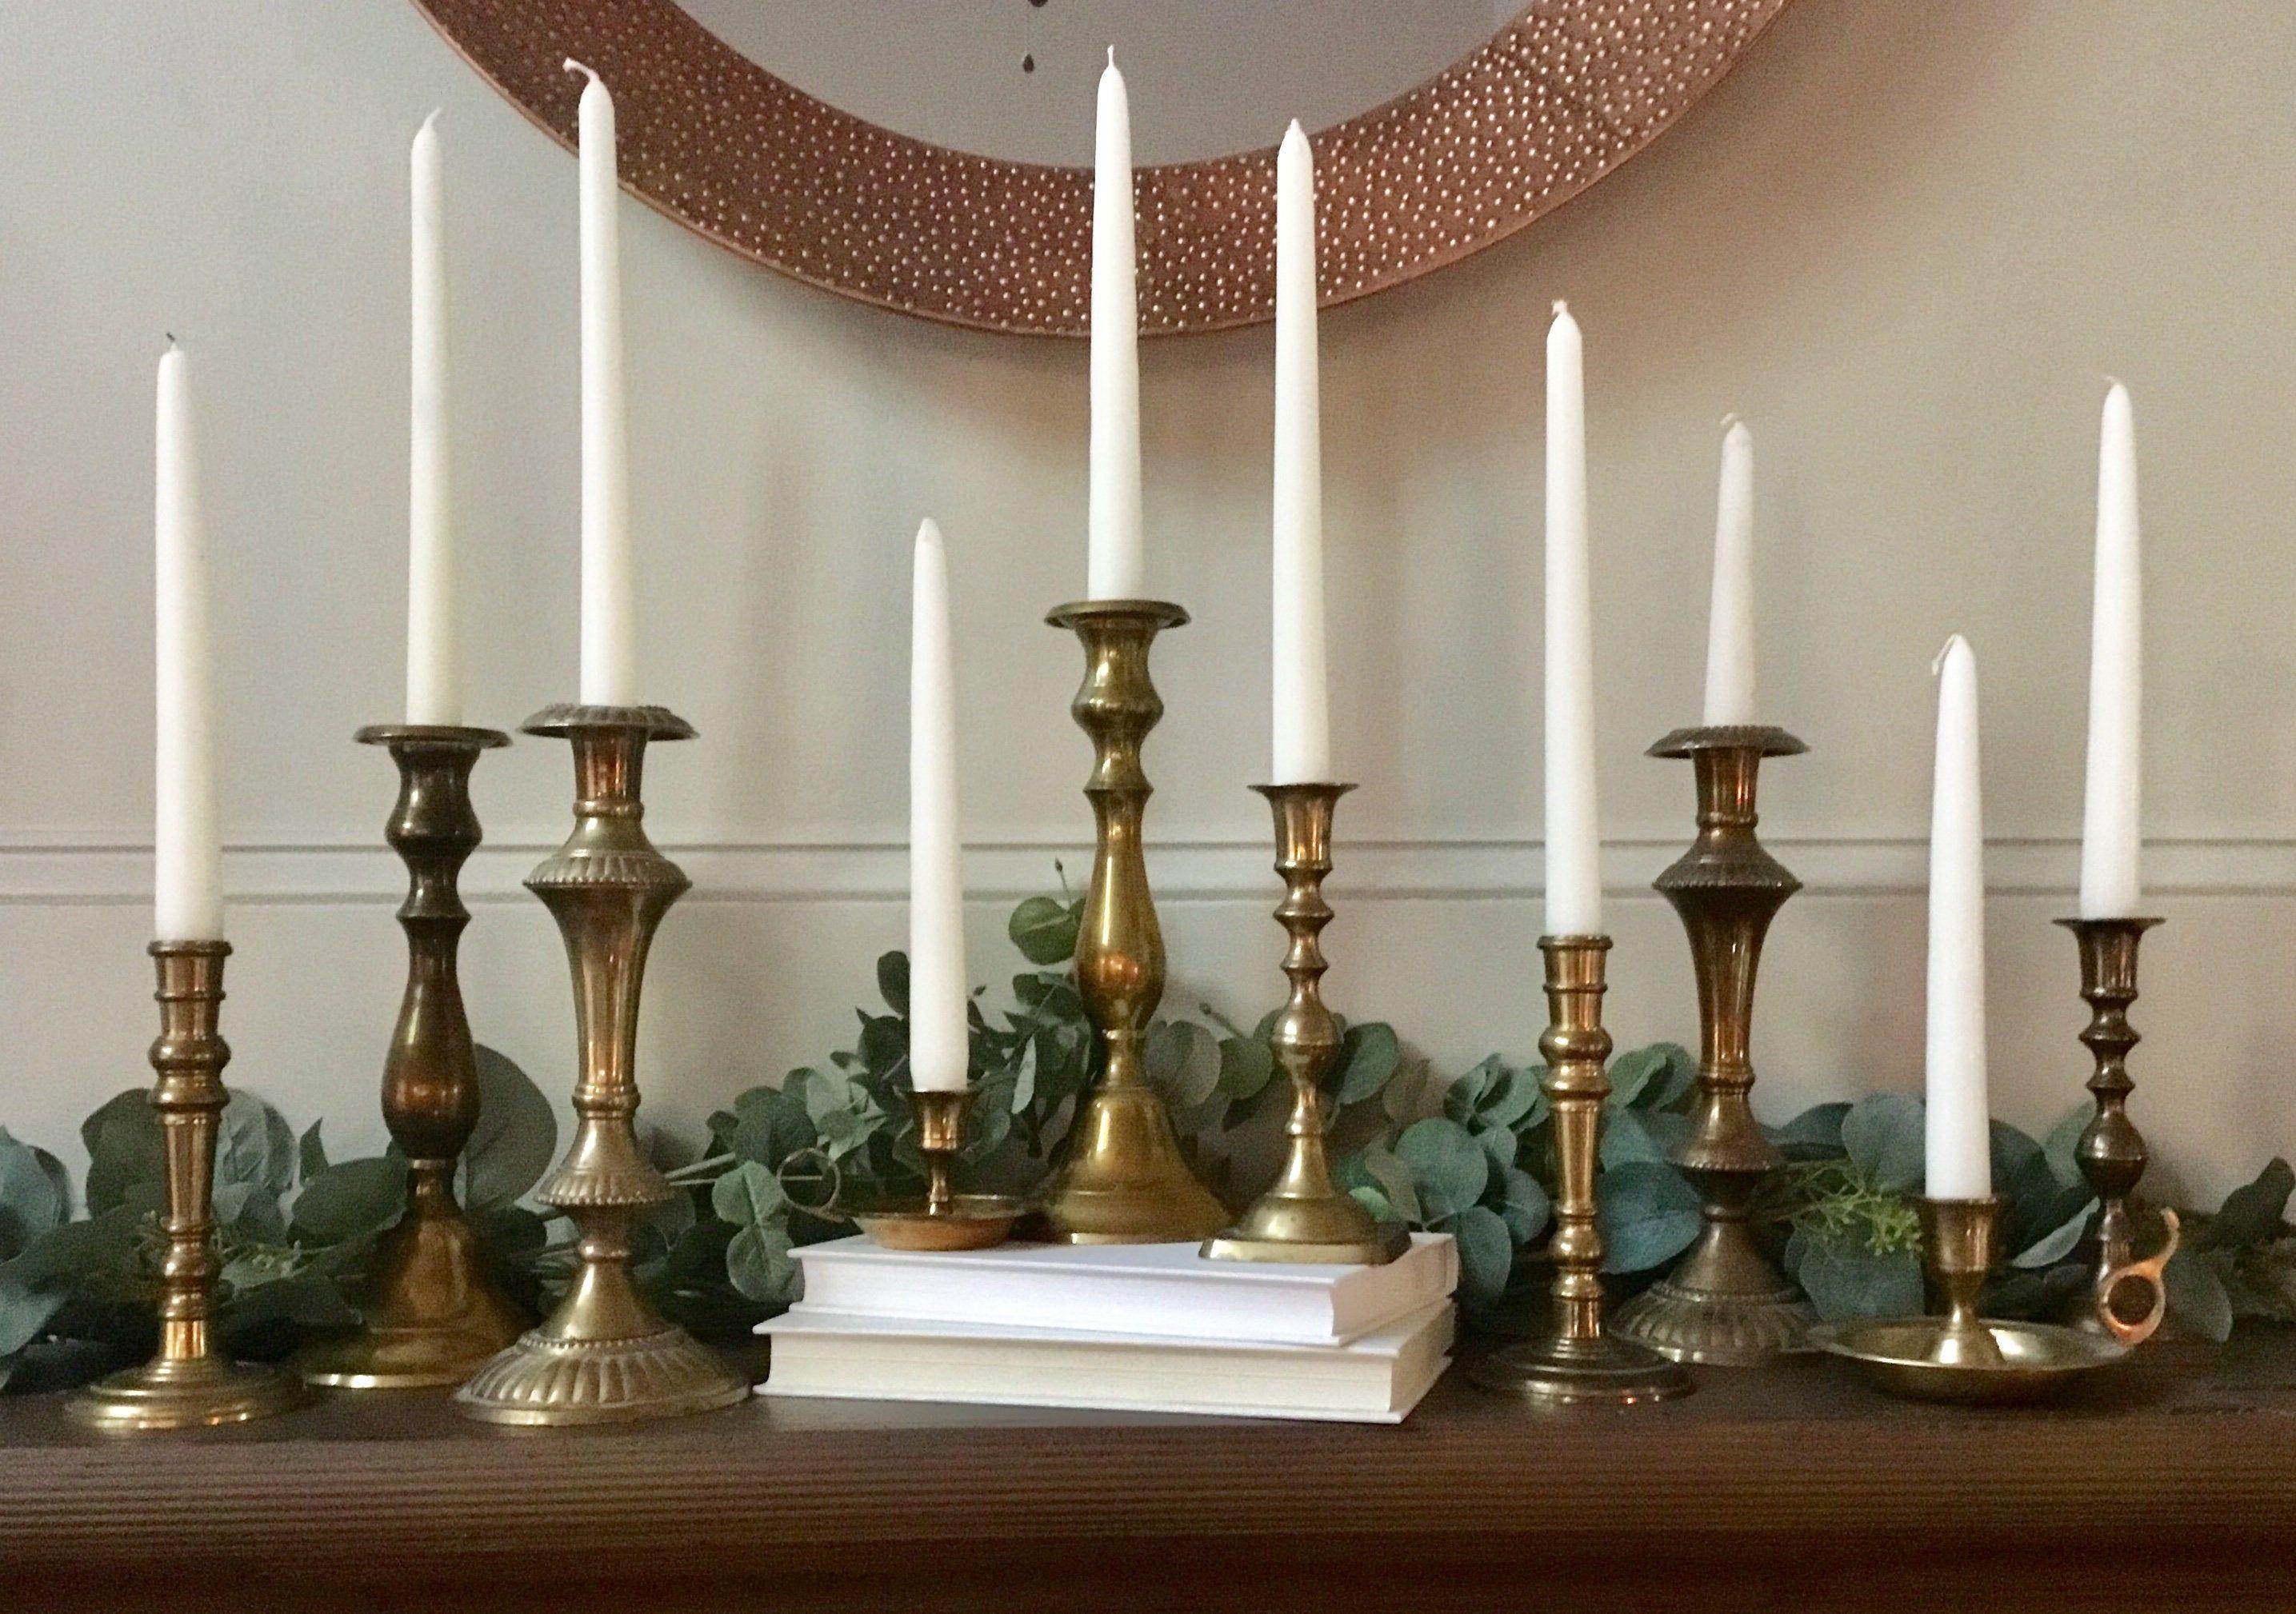 Set Of 10 Brass Candlesticks Solid Brass Candlesticks Lot Etsy Wedding Brass Candlesticks Candle Sticks Wedding Brass Candle Holders